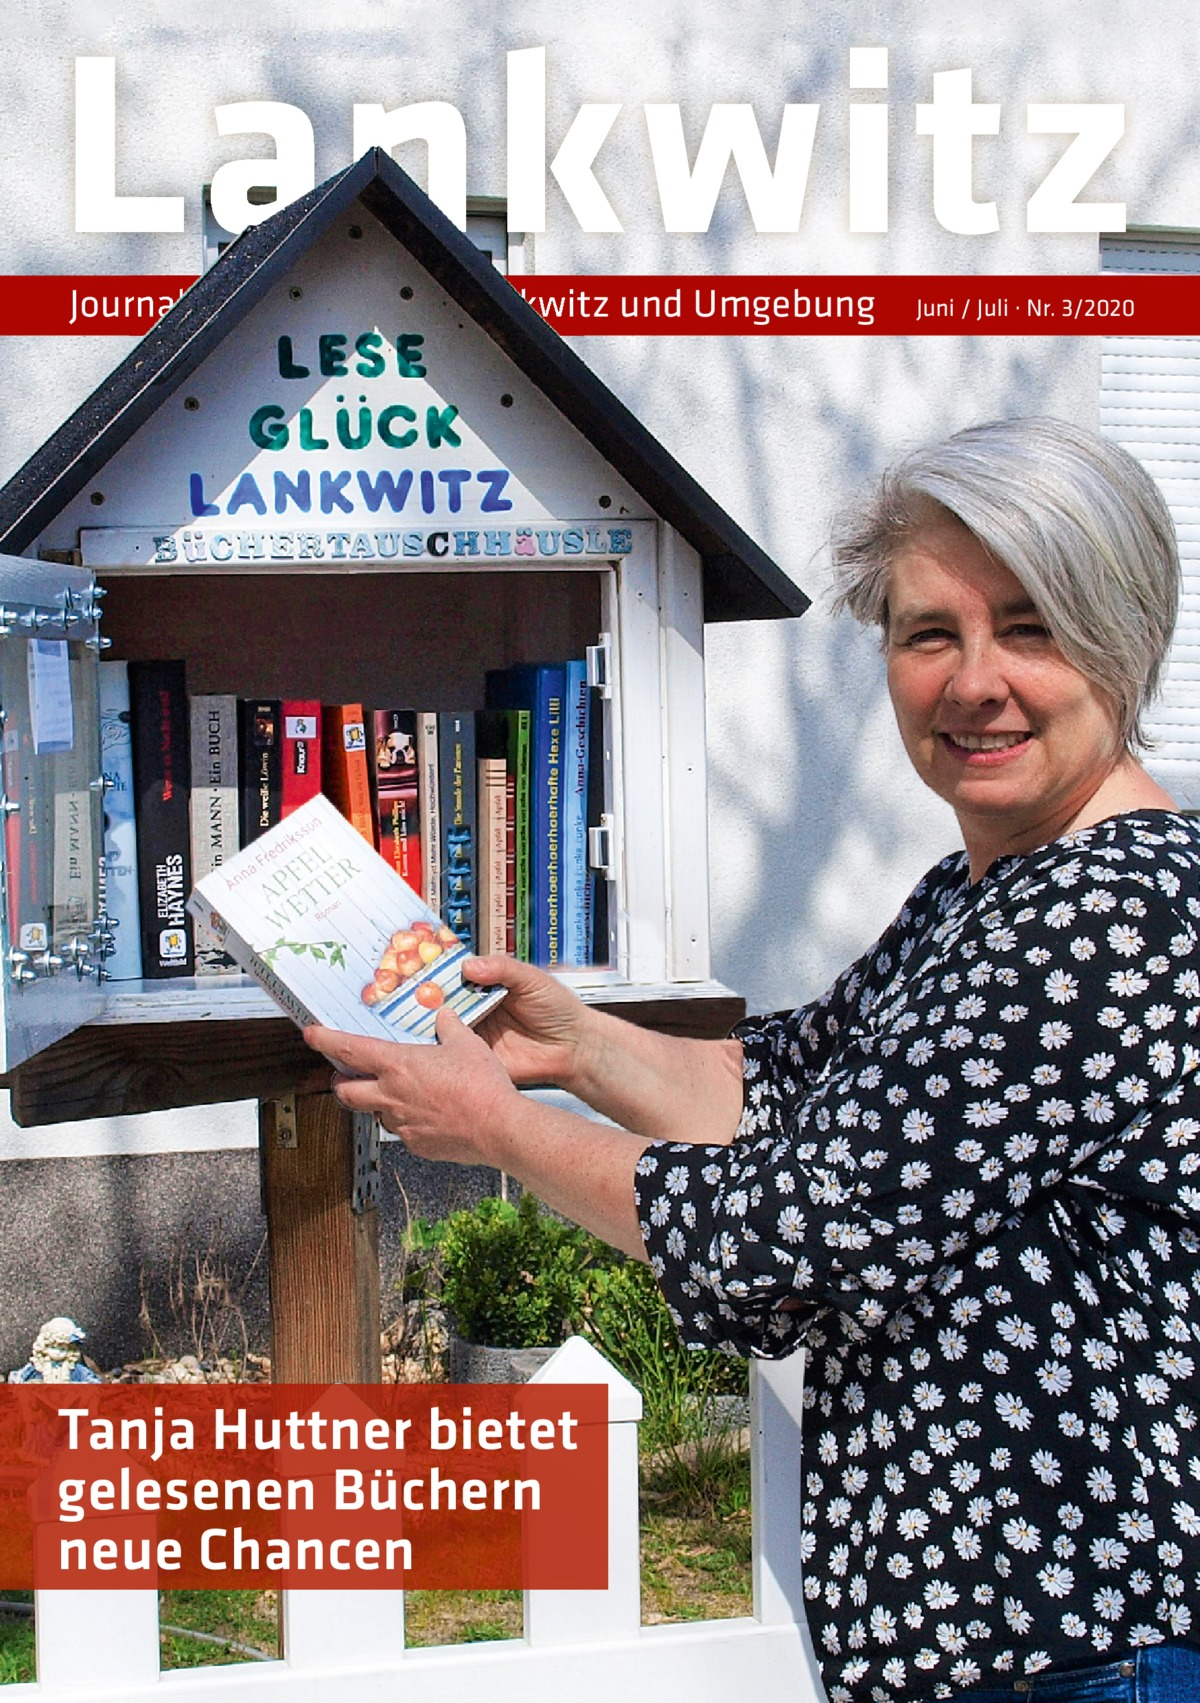 Lankwitz Journal  für Lankwitz und Umgebung  Tanja Huttner bietet gelesenen Büchern neue Chancen  Juni / Juli · Nr. 3/2020